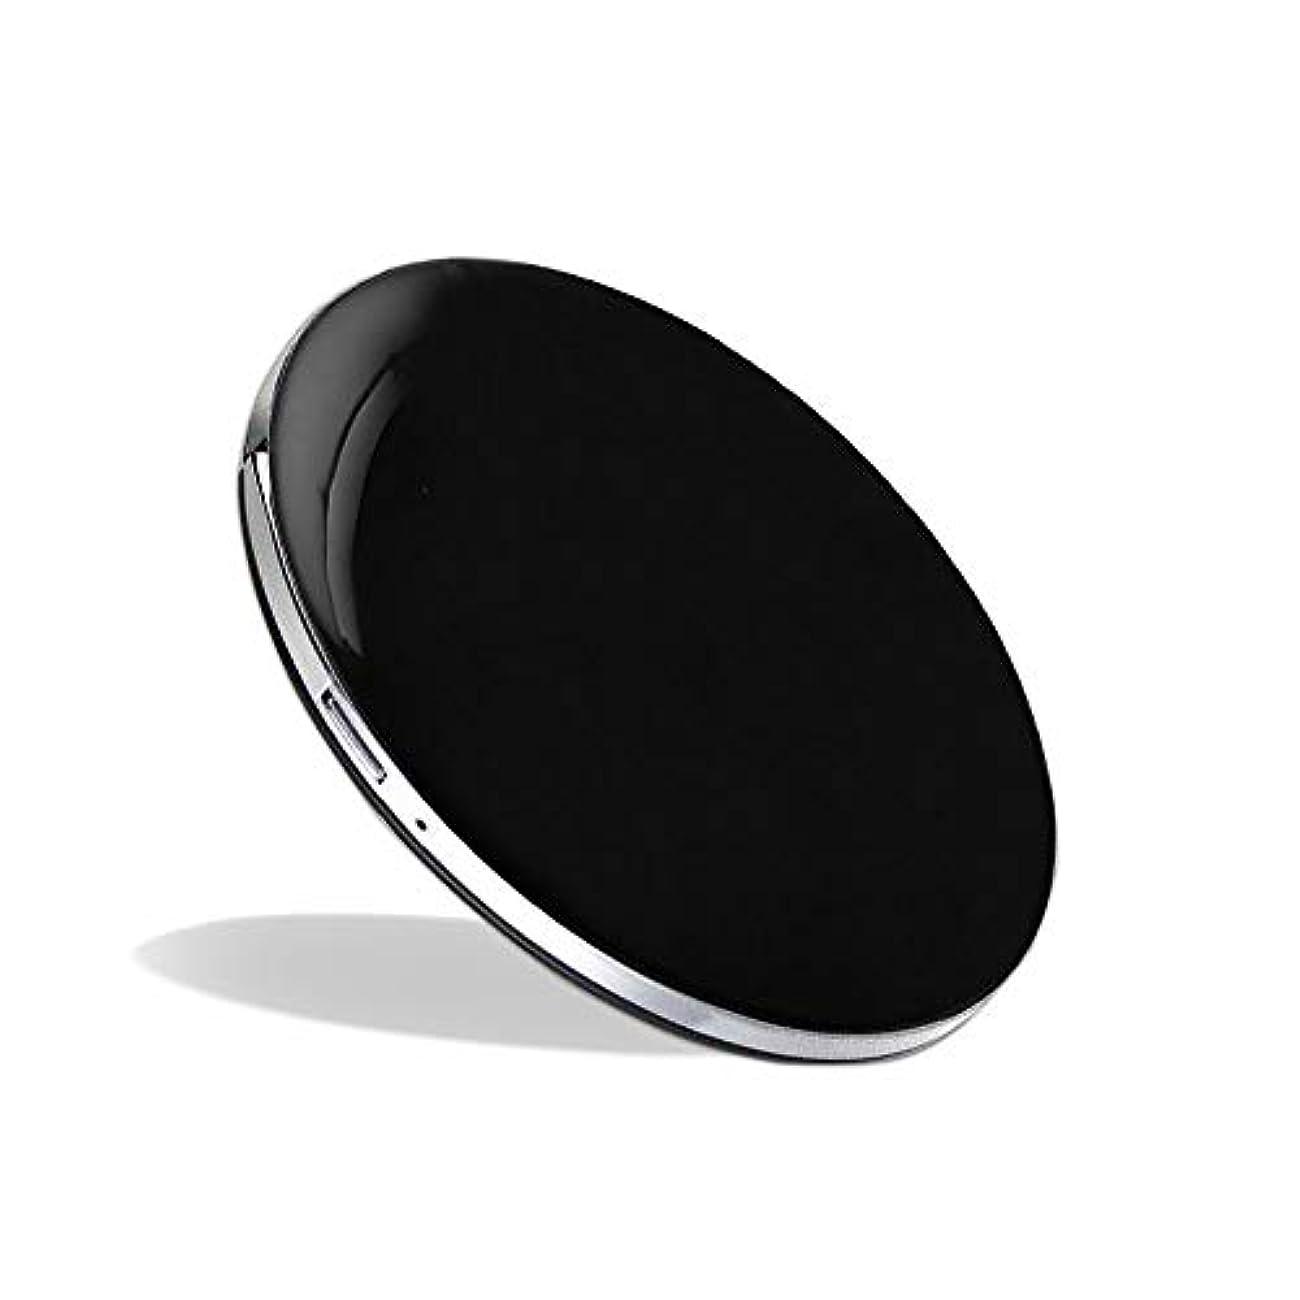 あえぎ保安騙す化粧鏡 LEDミラー コンパクトミラー ハンドミラー 円形ミラー 折りたたみ式 持ち運び便利 usb充電 軽量 3倍拡大鏡 明るさ調節可能 (ブラック)